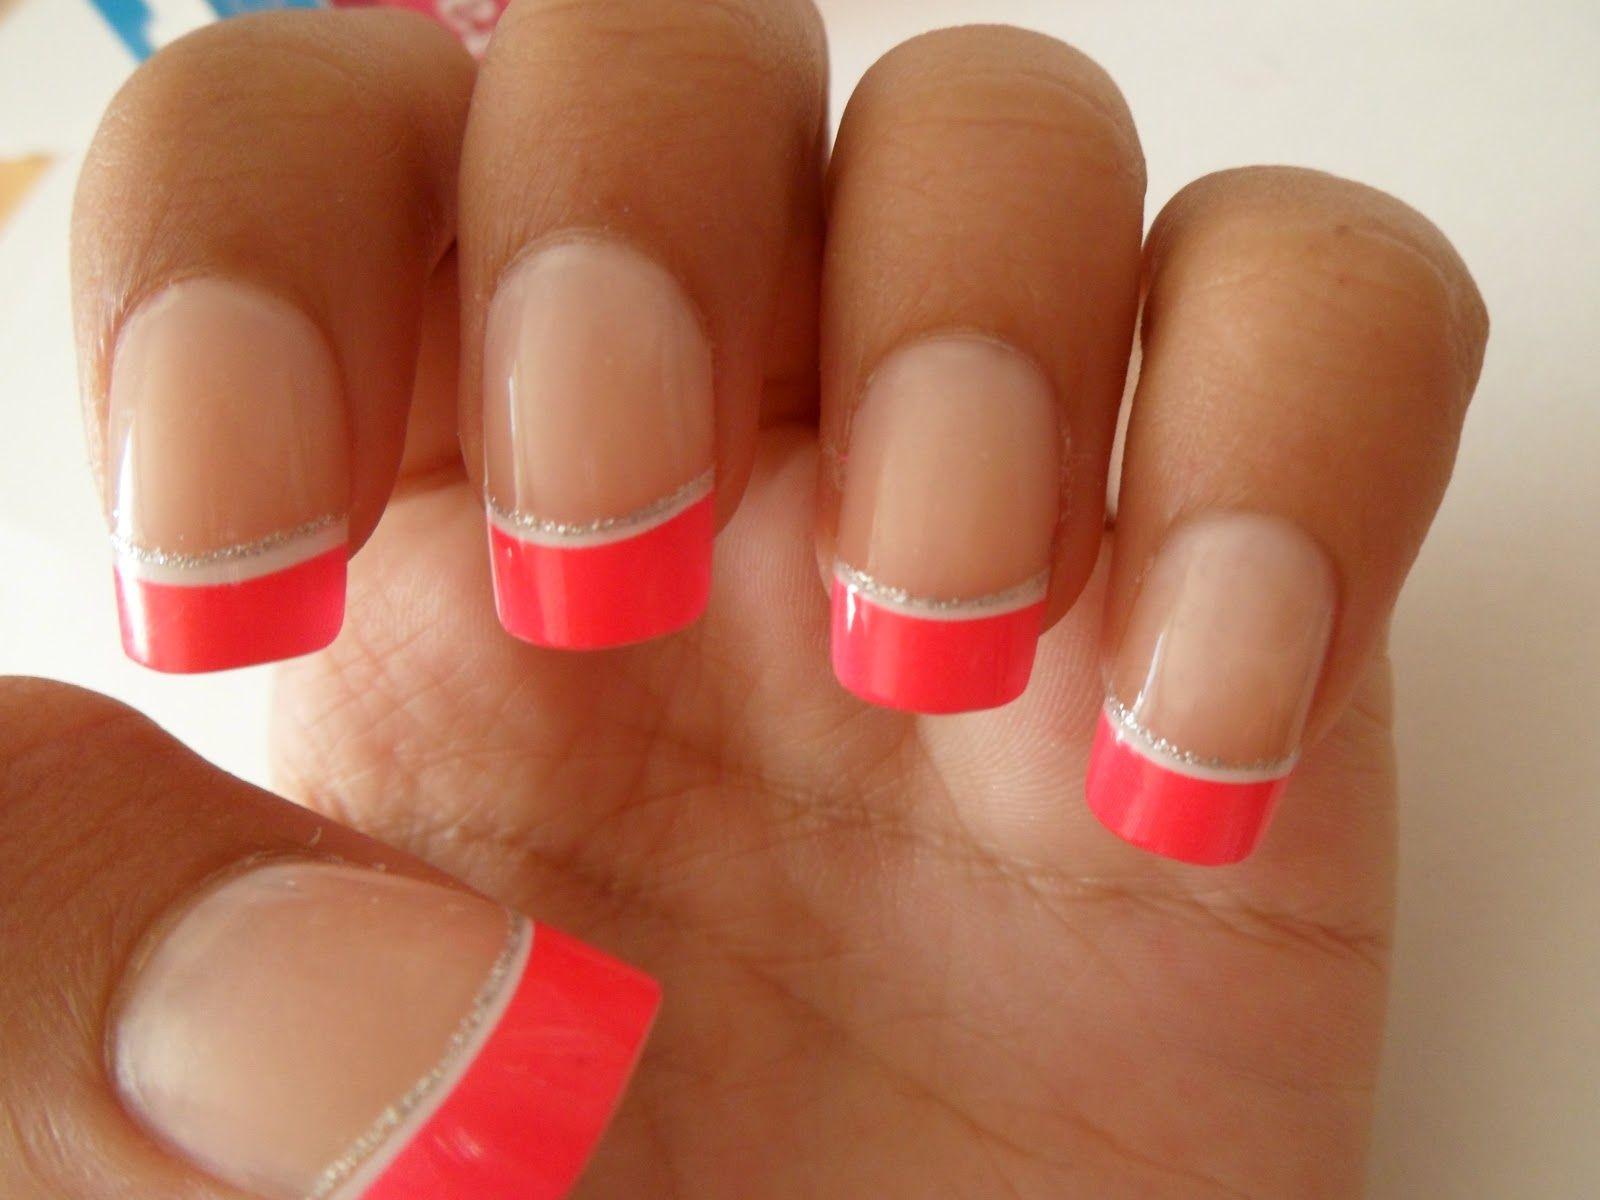 short fake nail designs - Google Search | nails | Pinterest | Short ...